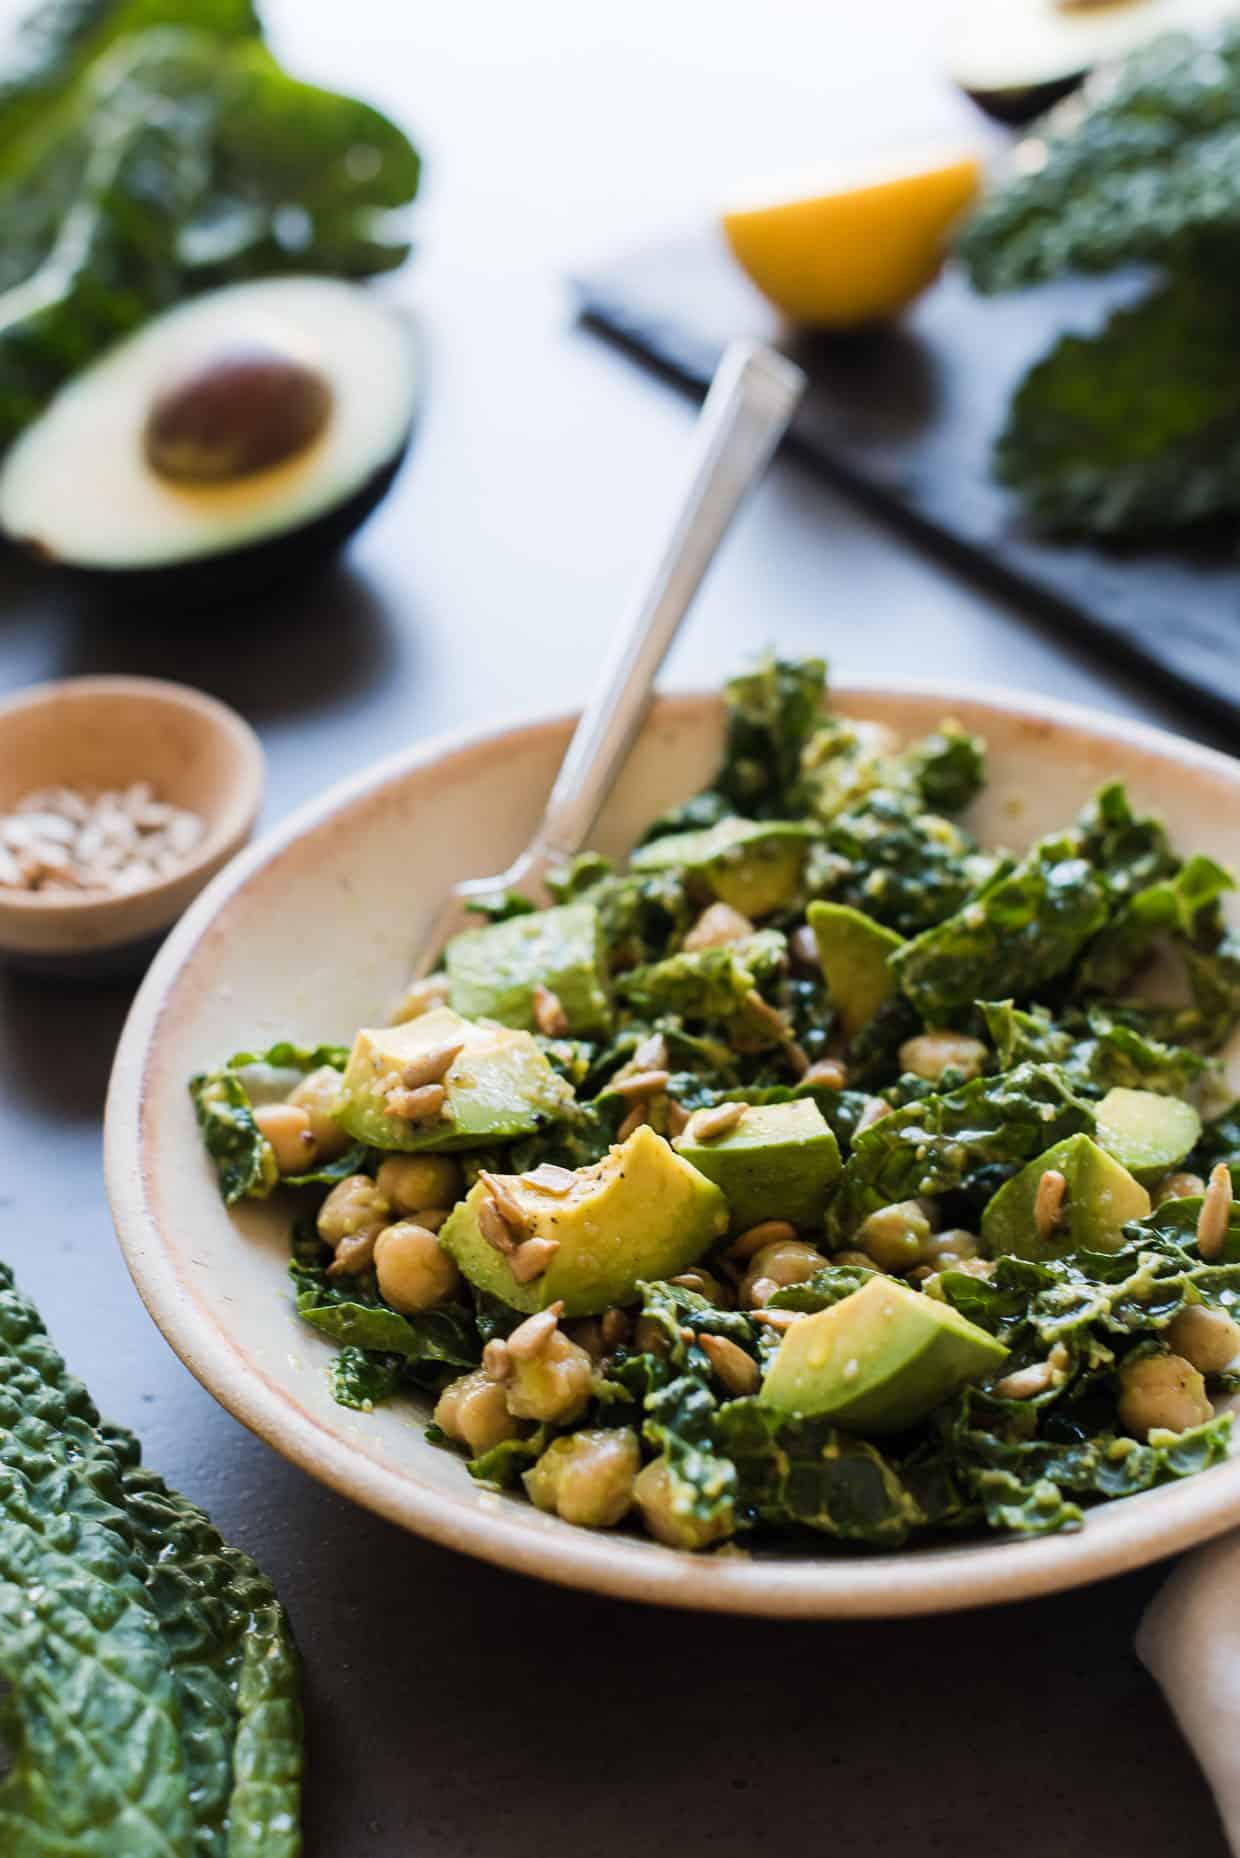 Lemony Kale Avocado And Chickpea Salad